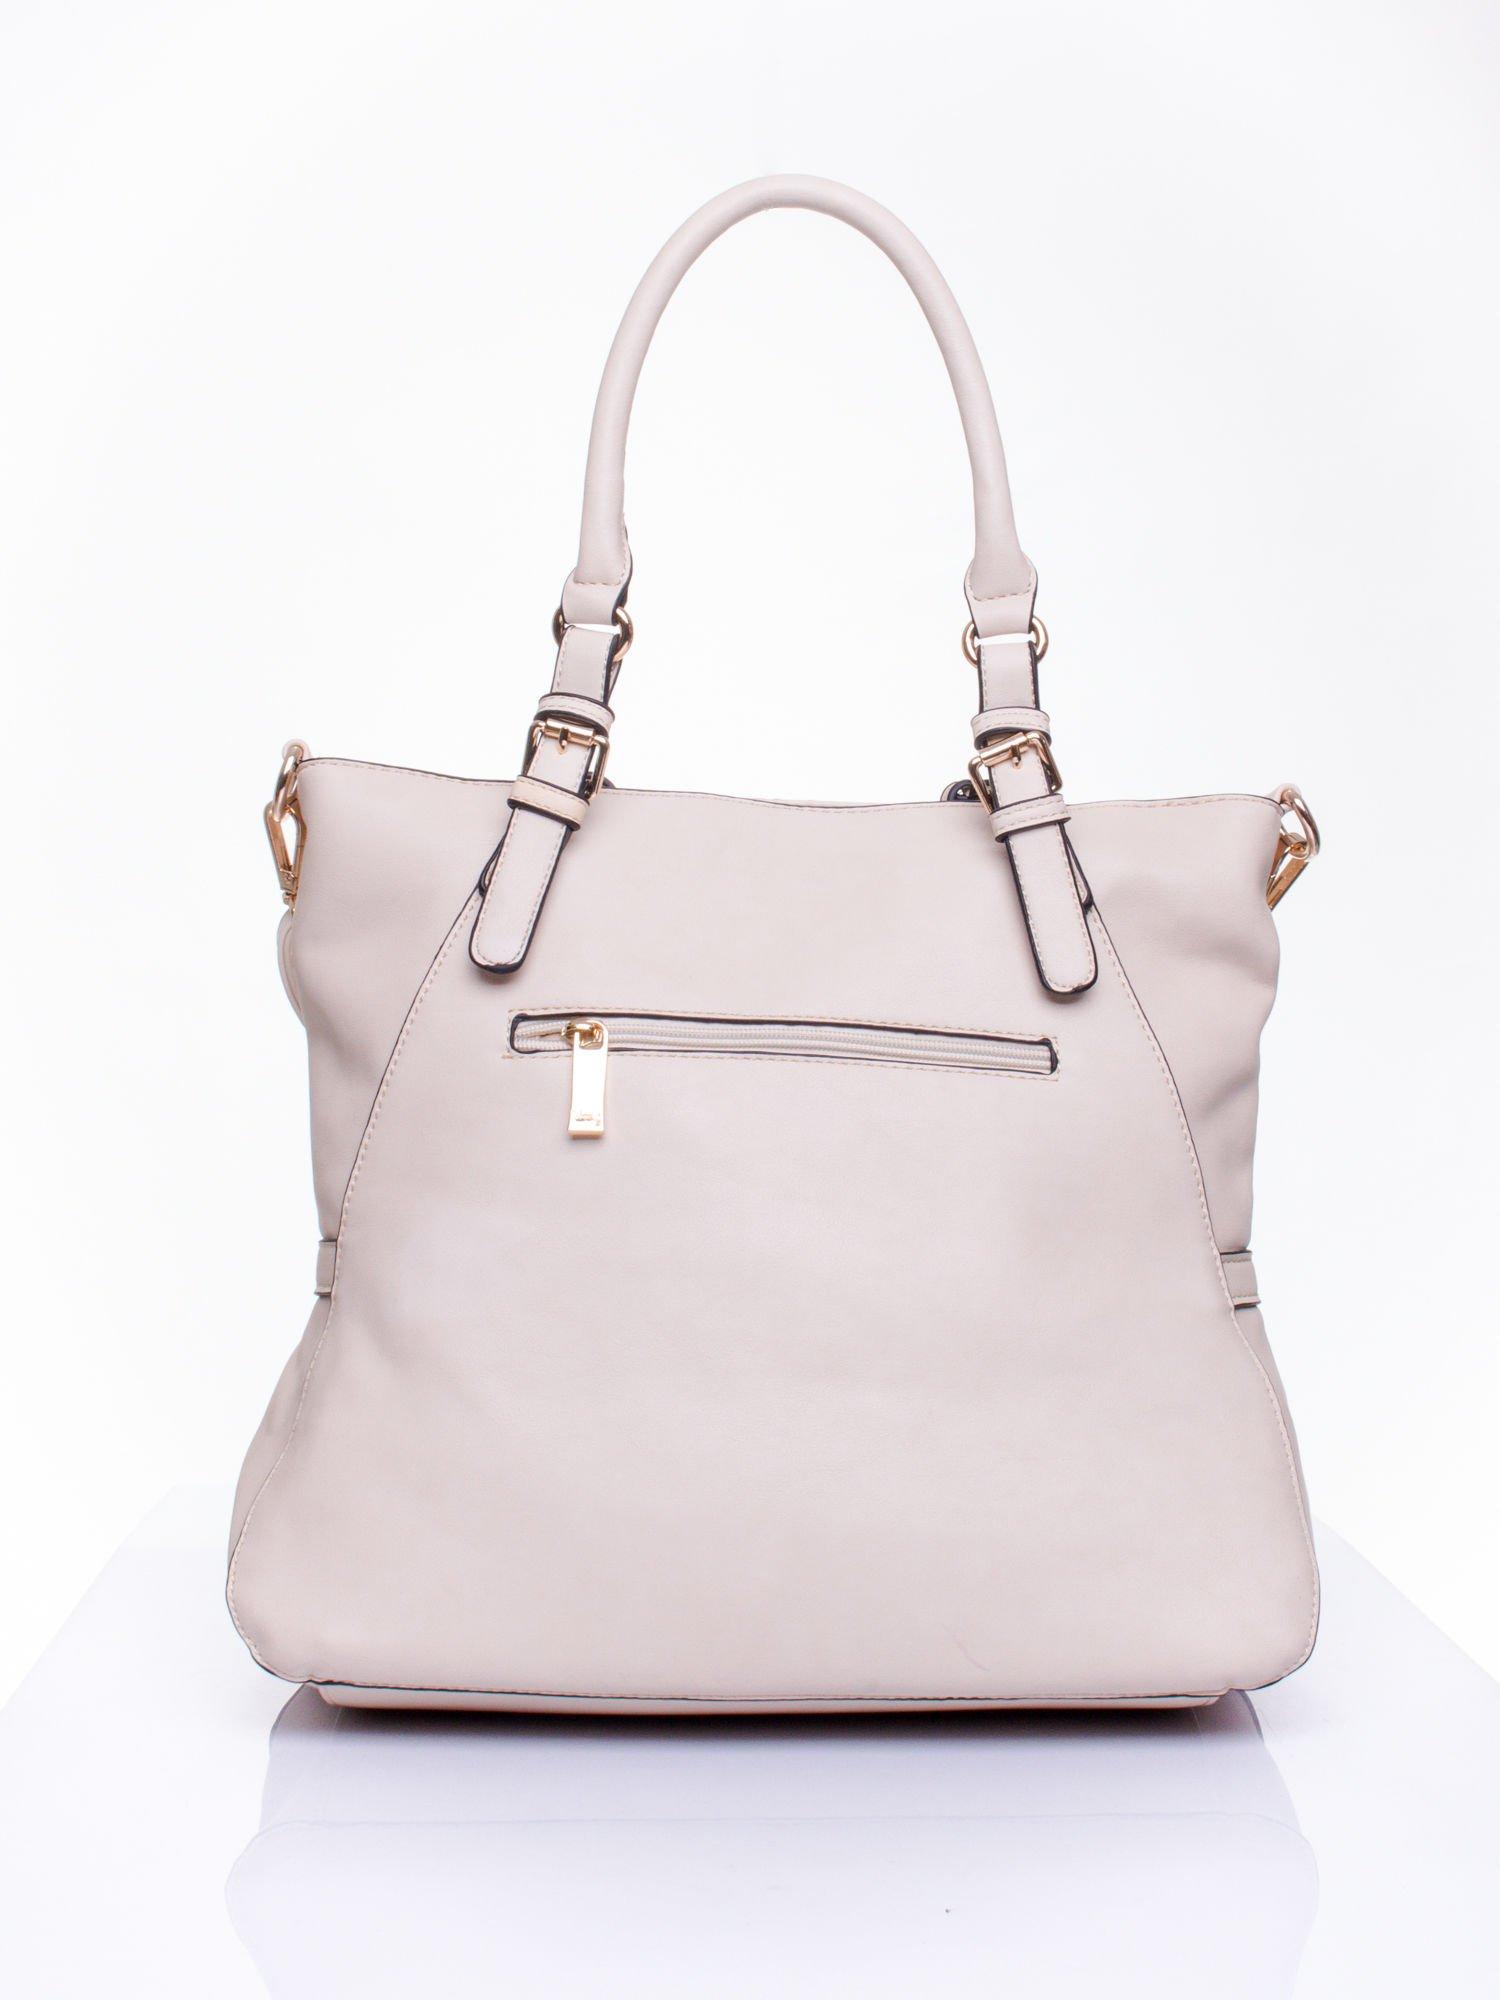 Jasnobeżowa dziurkowana torba shopper z portfelem                                  zdj.                                  4